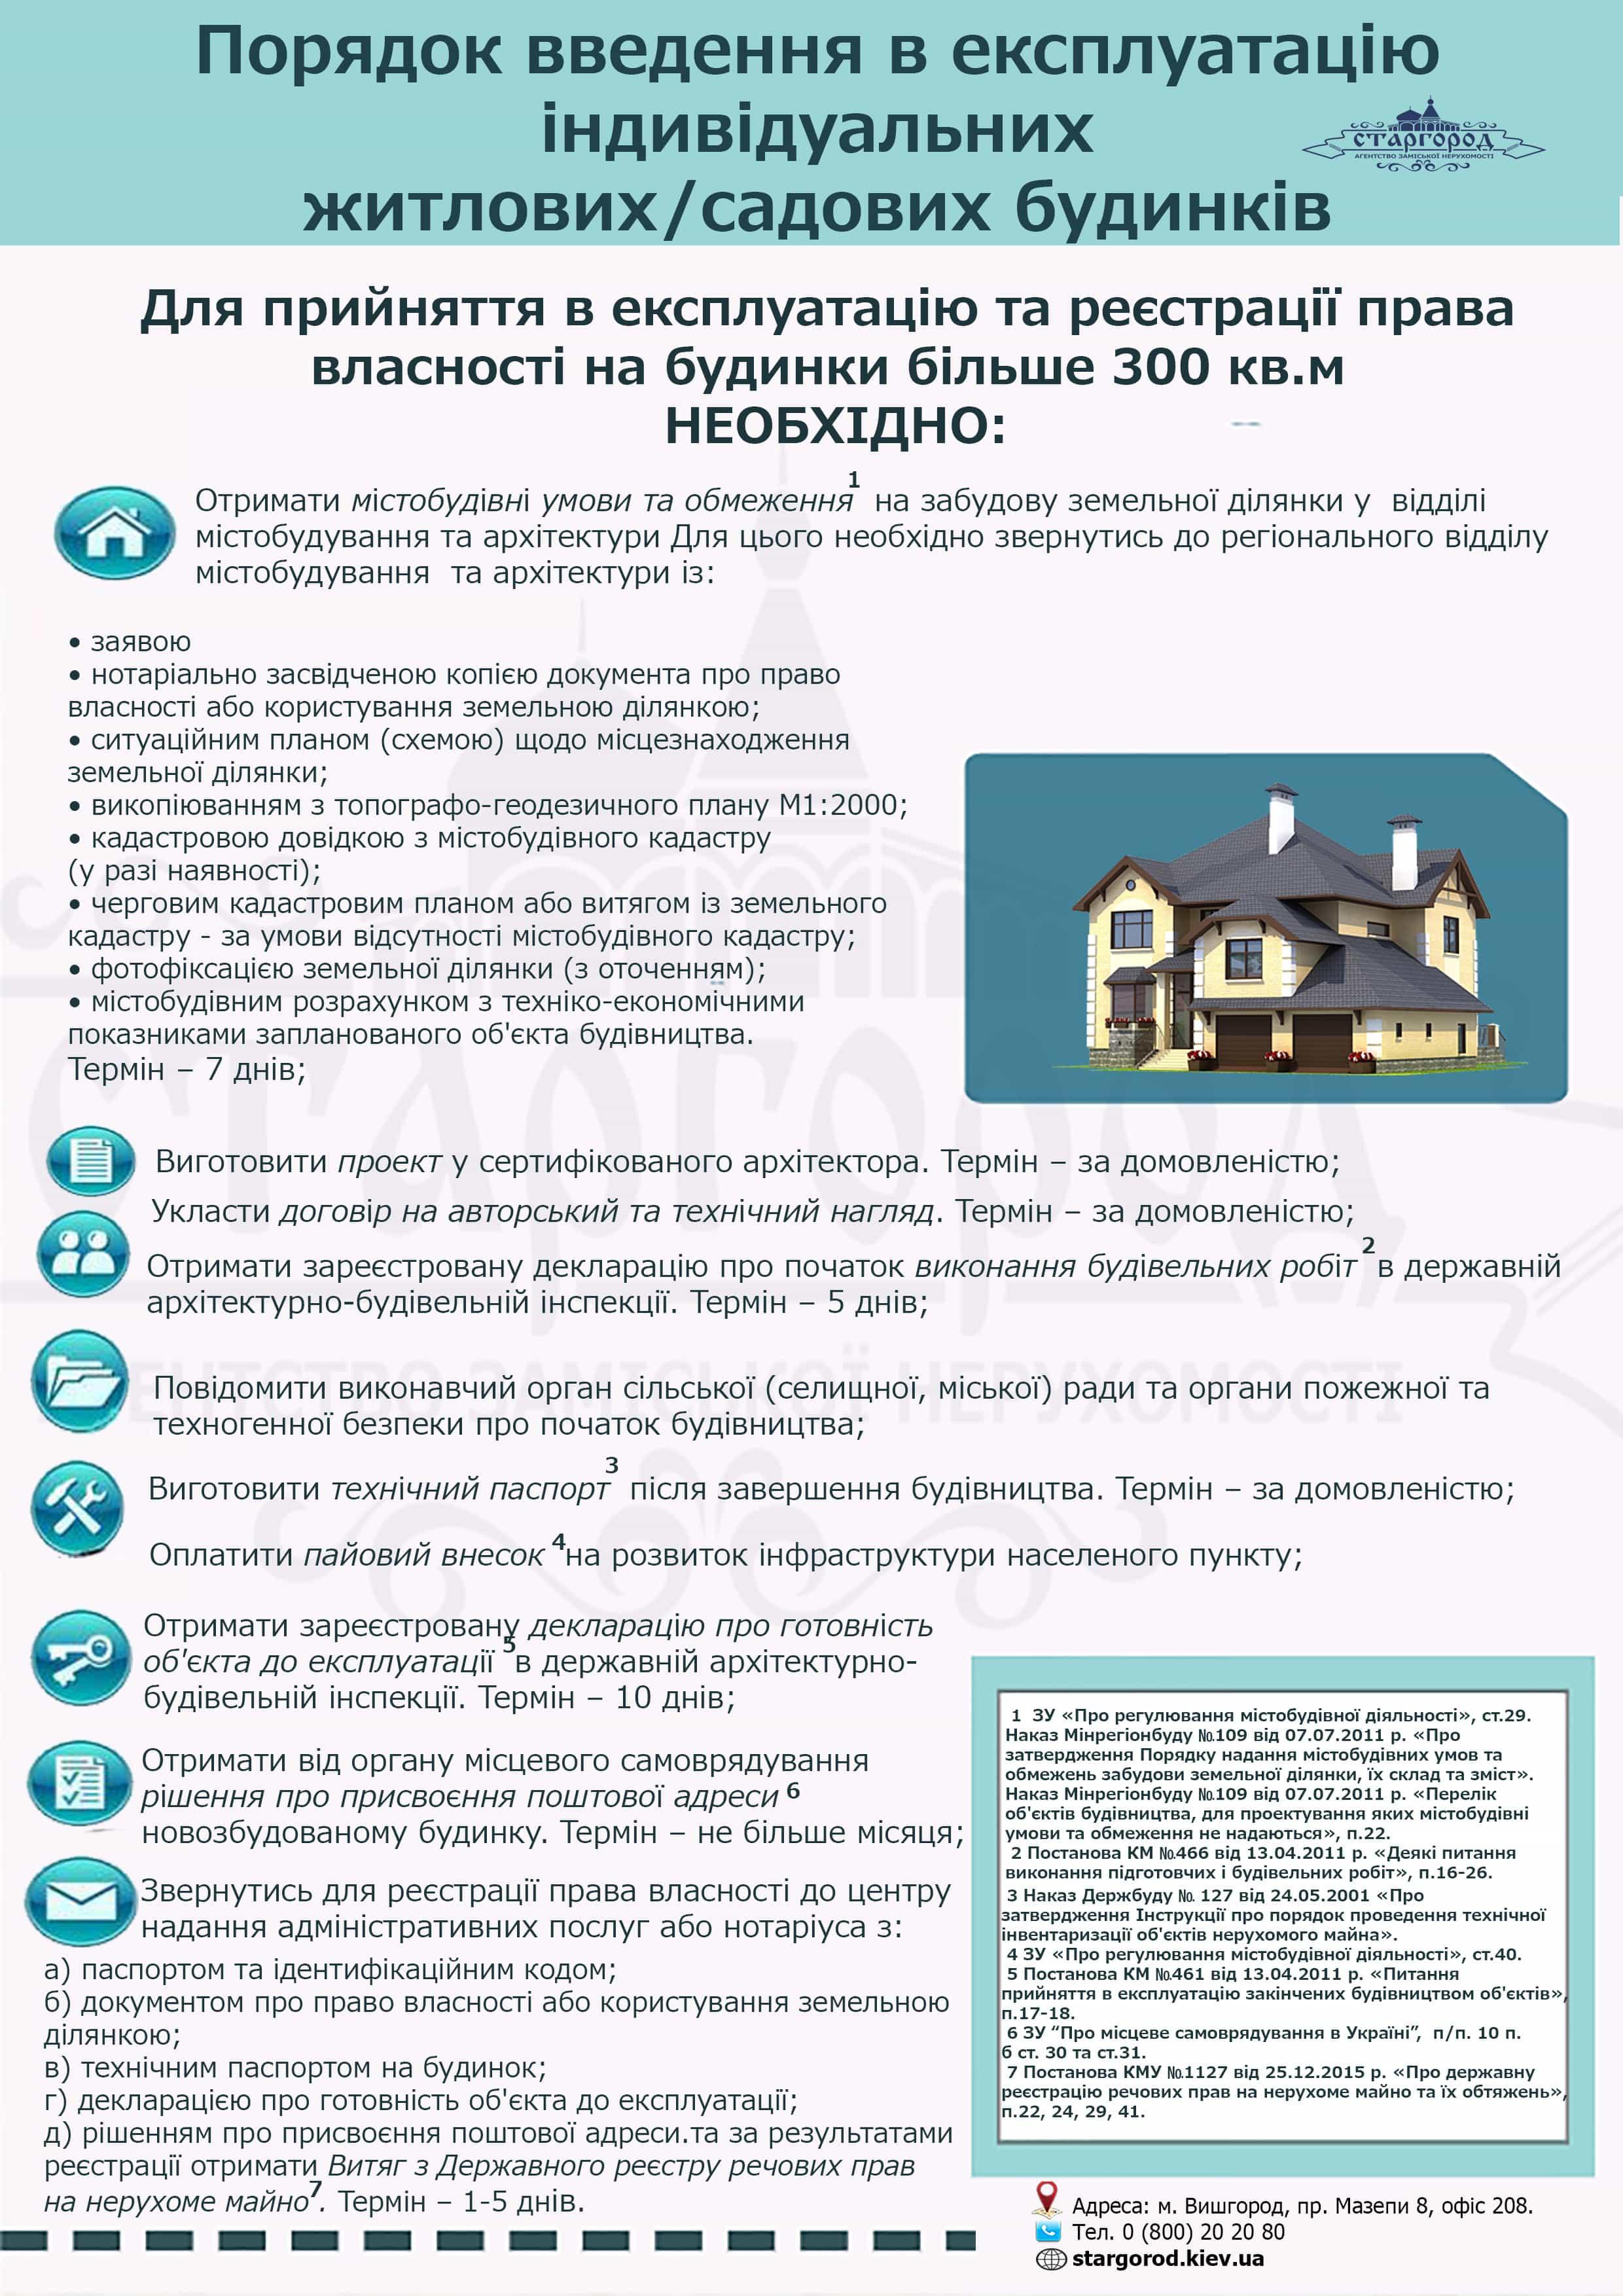 услуга введение в эксплуатацию домов до 300 кв.м Вышгород